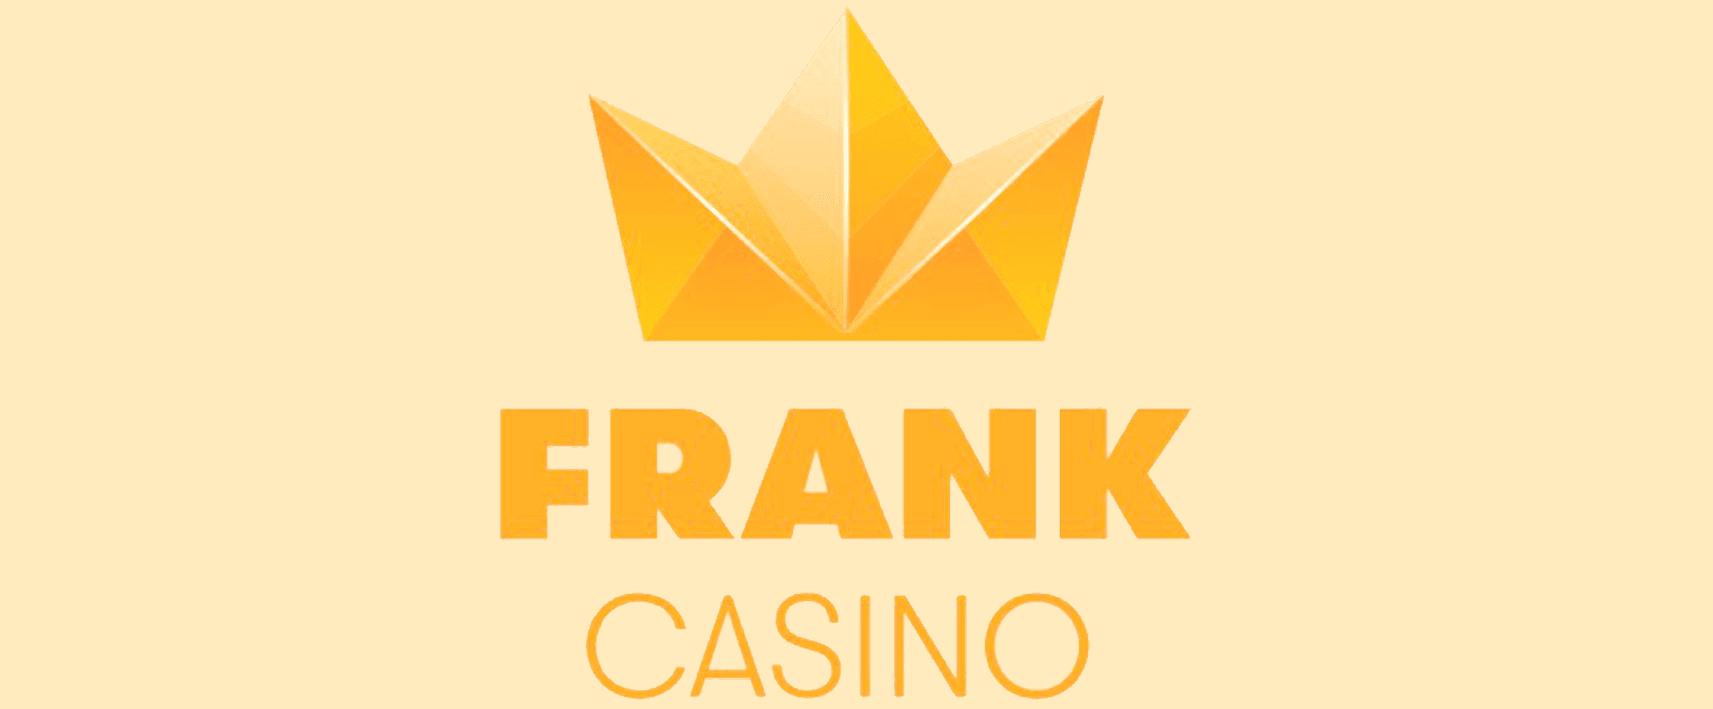 Презентация теория вероятности и азартные игры